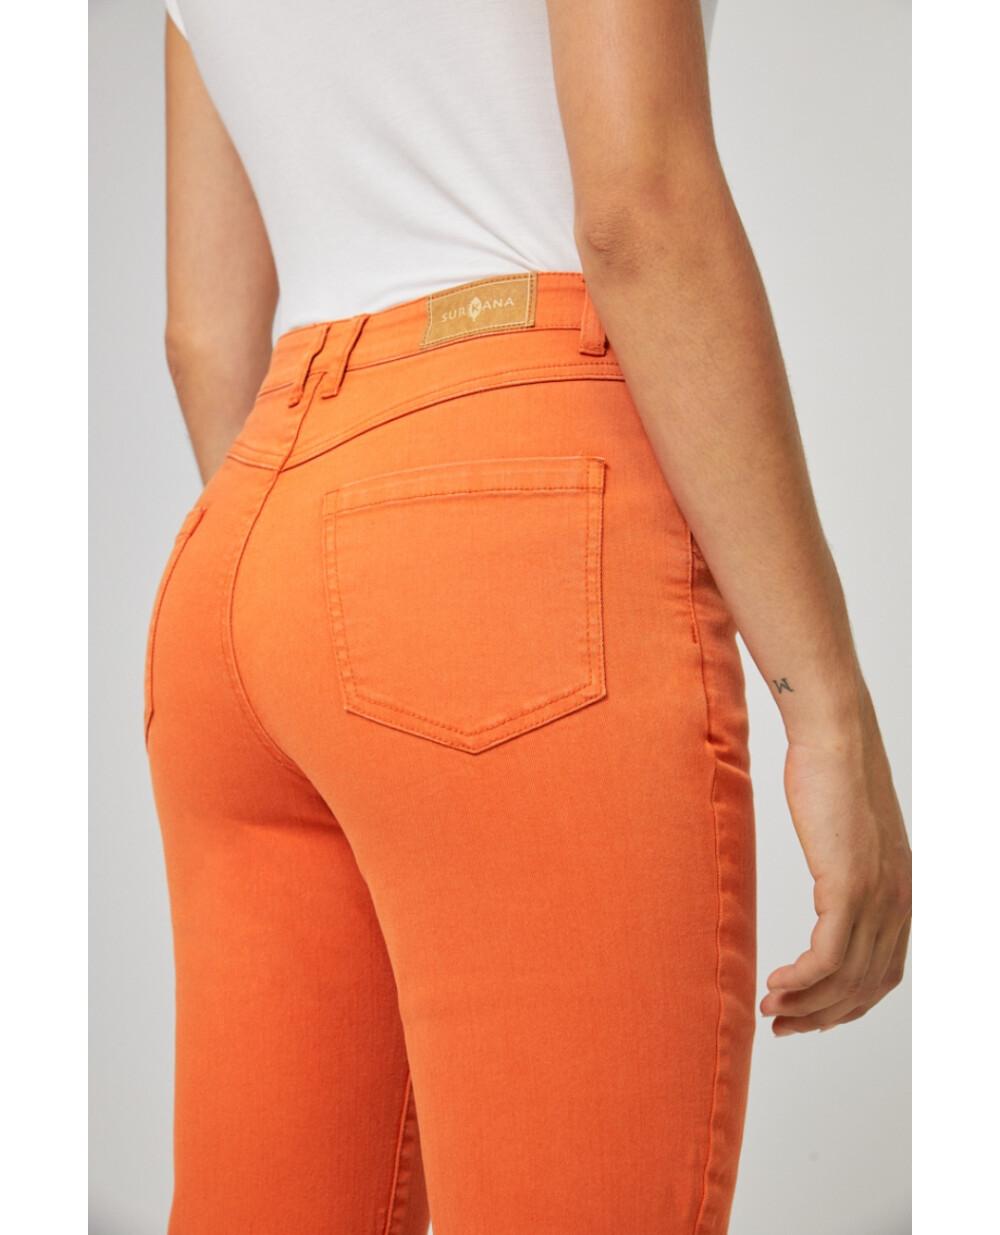 Surkana pantalone jeans arancione